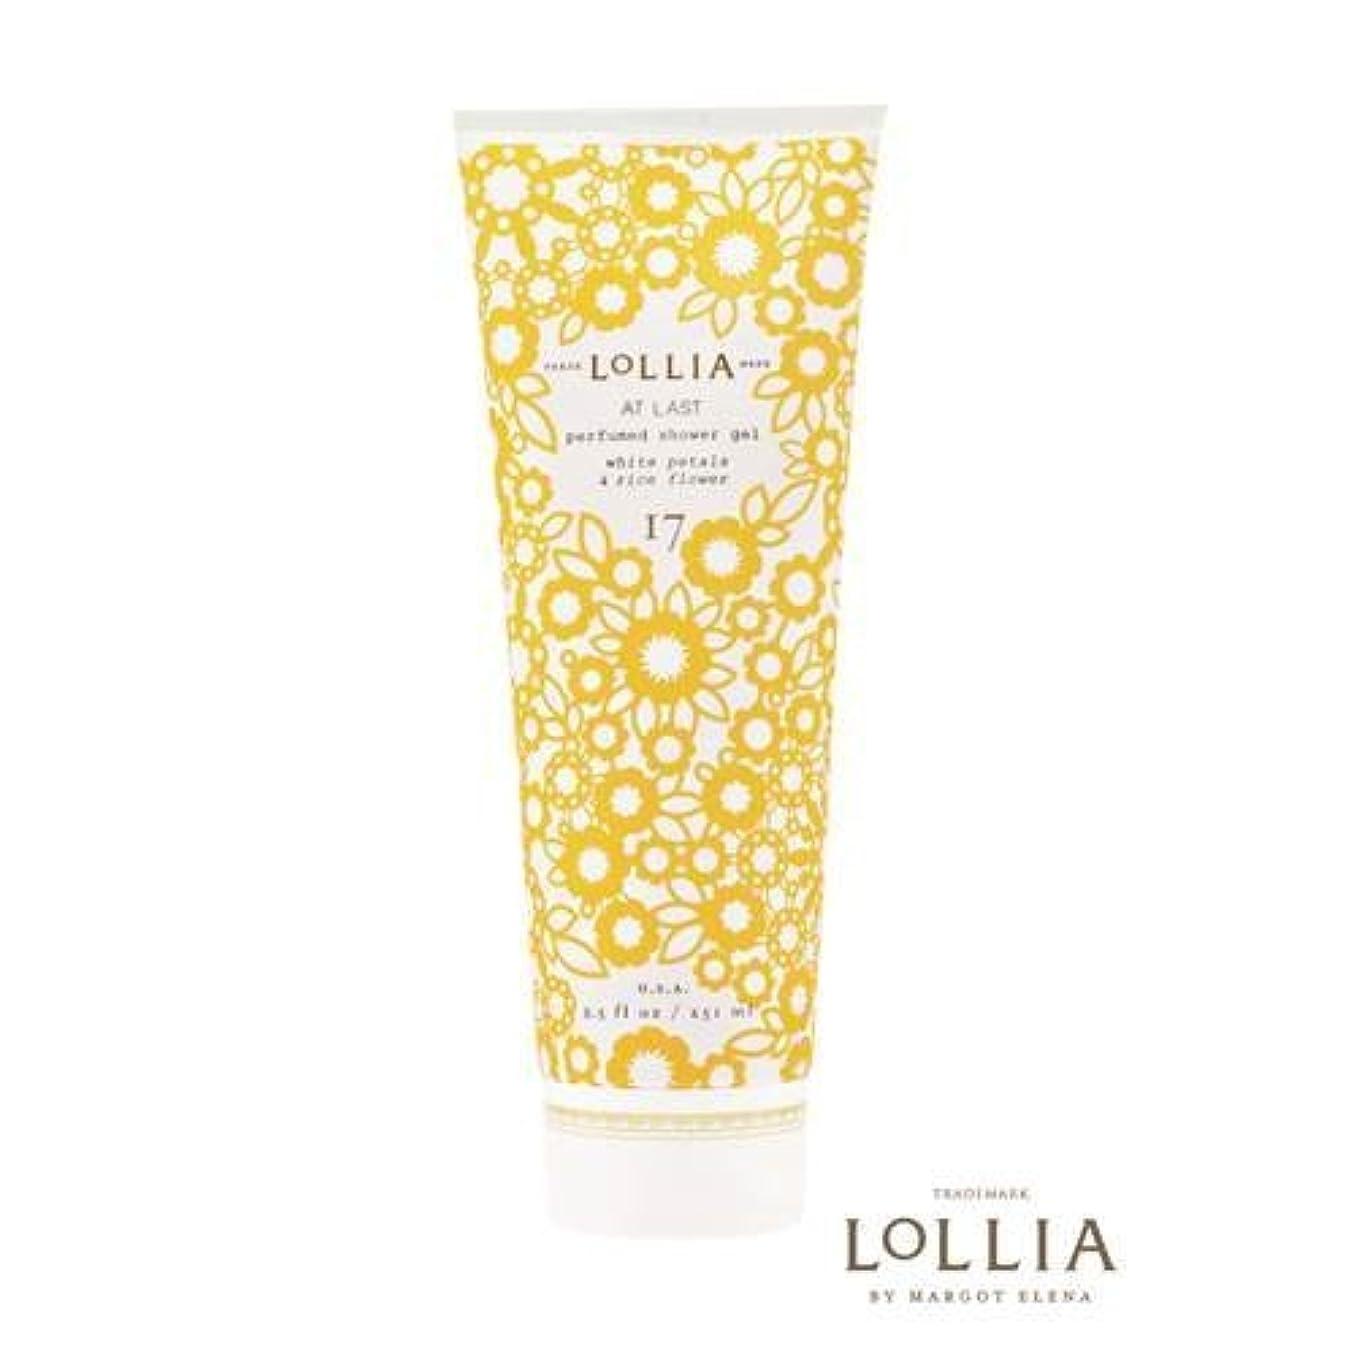 多年生メジャーマートロリア(LoLLIA) パフュームドシャワージェル AtLast 251ml(全身用洗浄料 ボディーソープ ライスフラワー、マグノリアとミモザの柔らかな花々の香り)